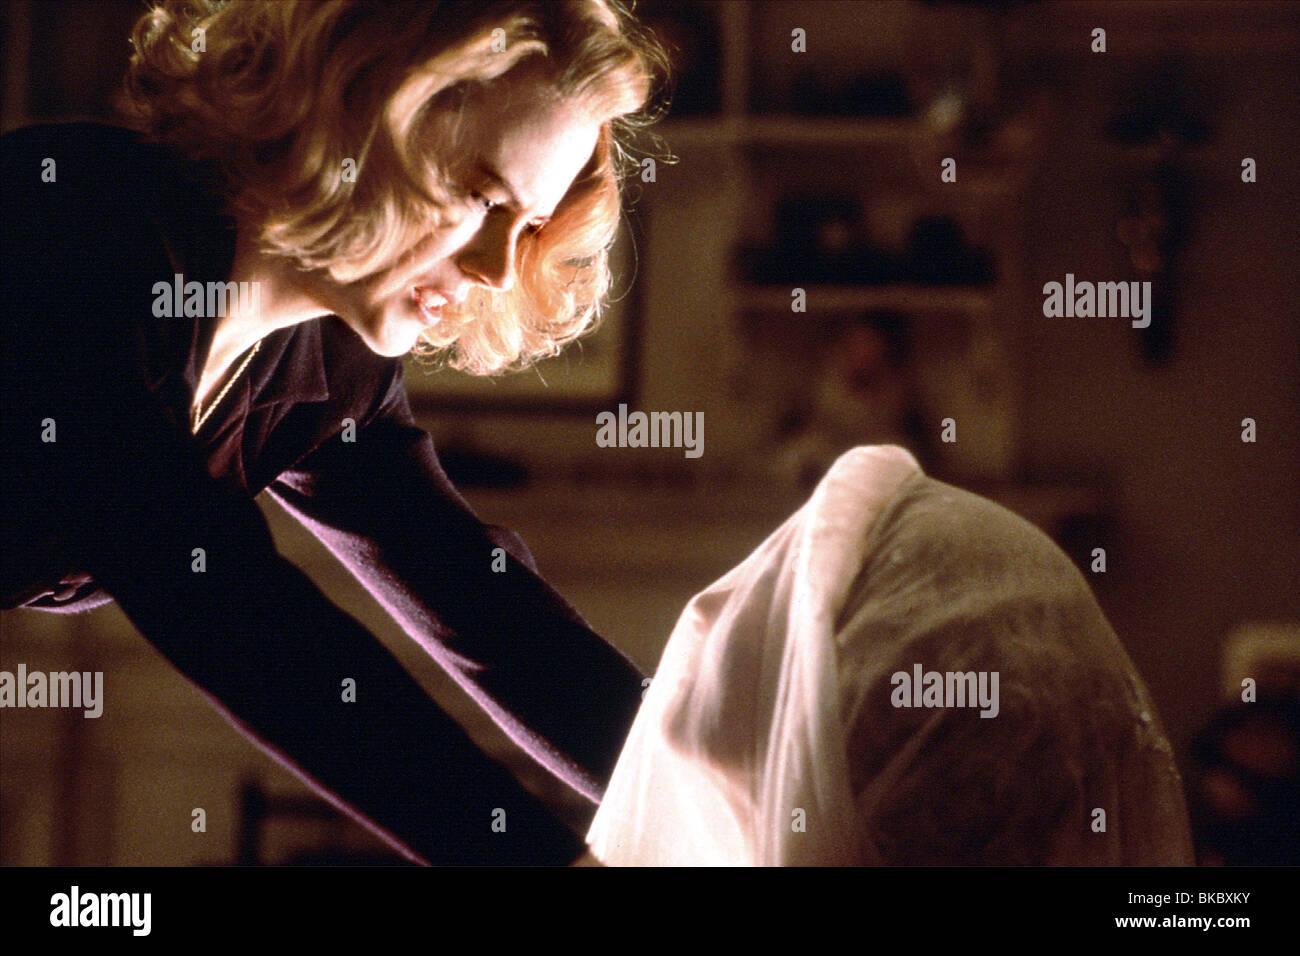 Los demás Nicole Kidman otro 001PDK 11 Foto de stock